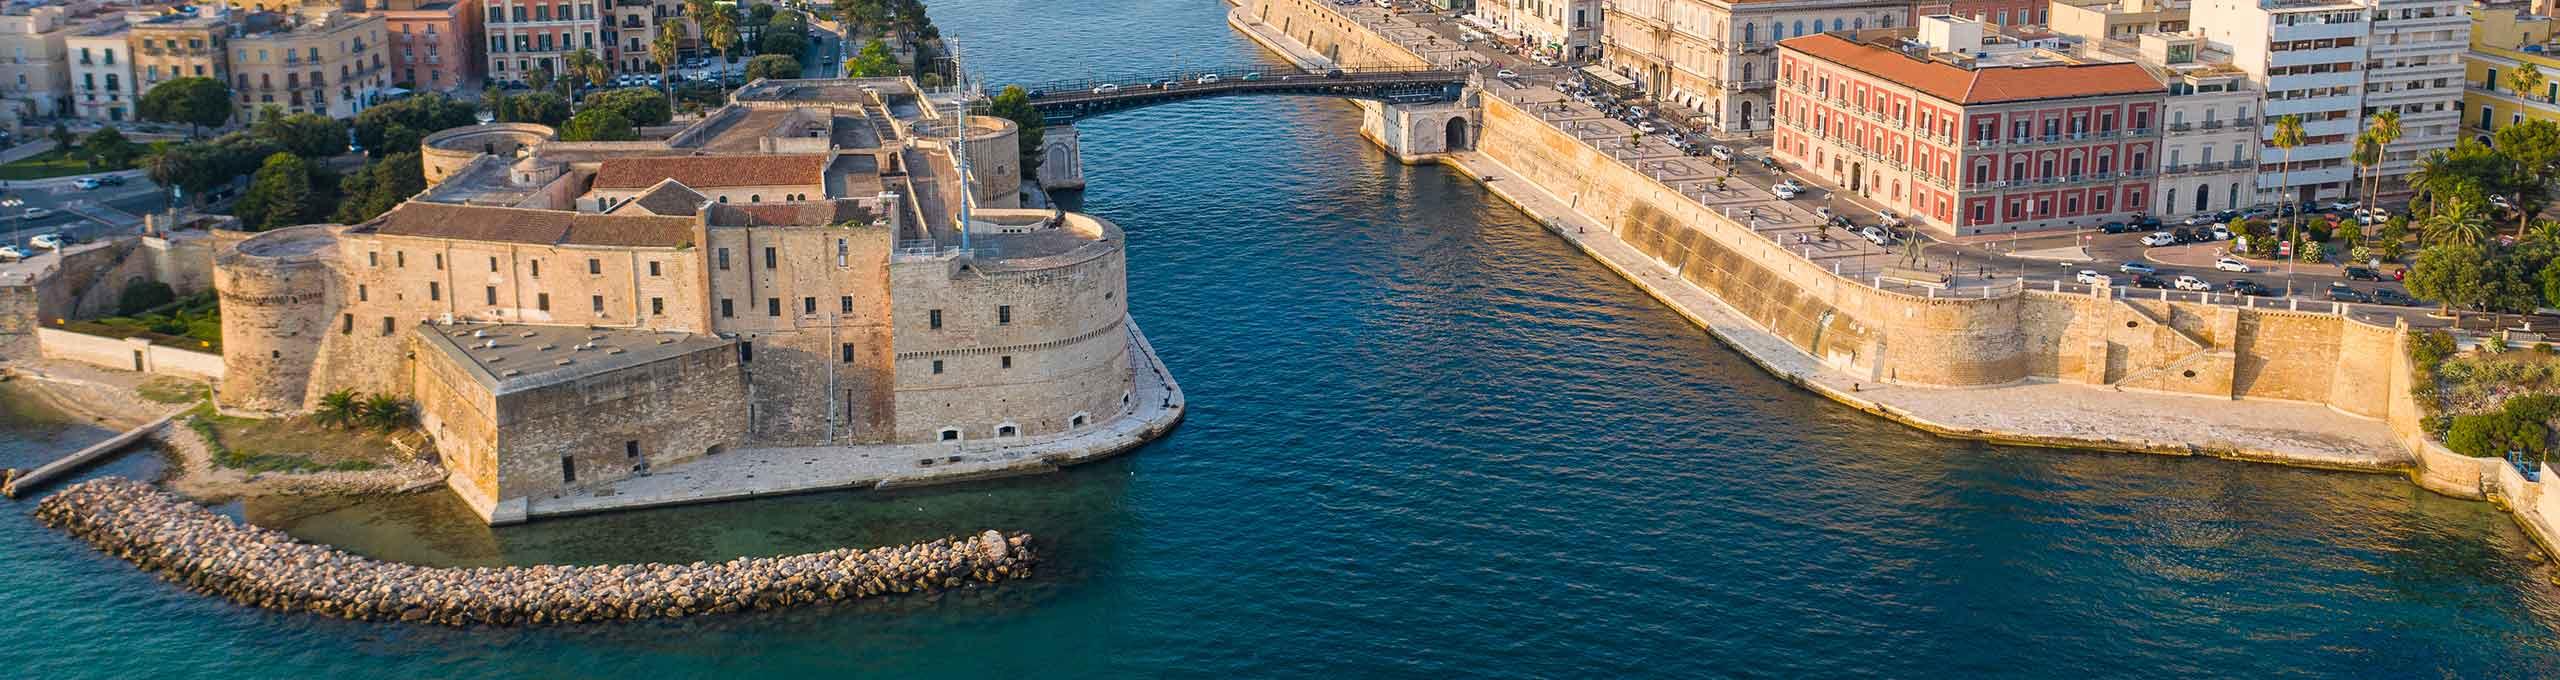 Taranto, sulla sinistra il Castello Aragonese